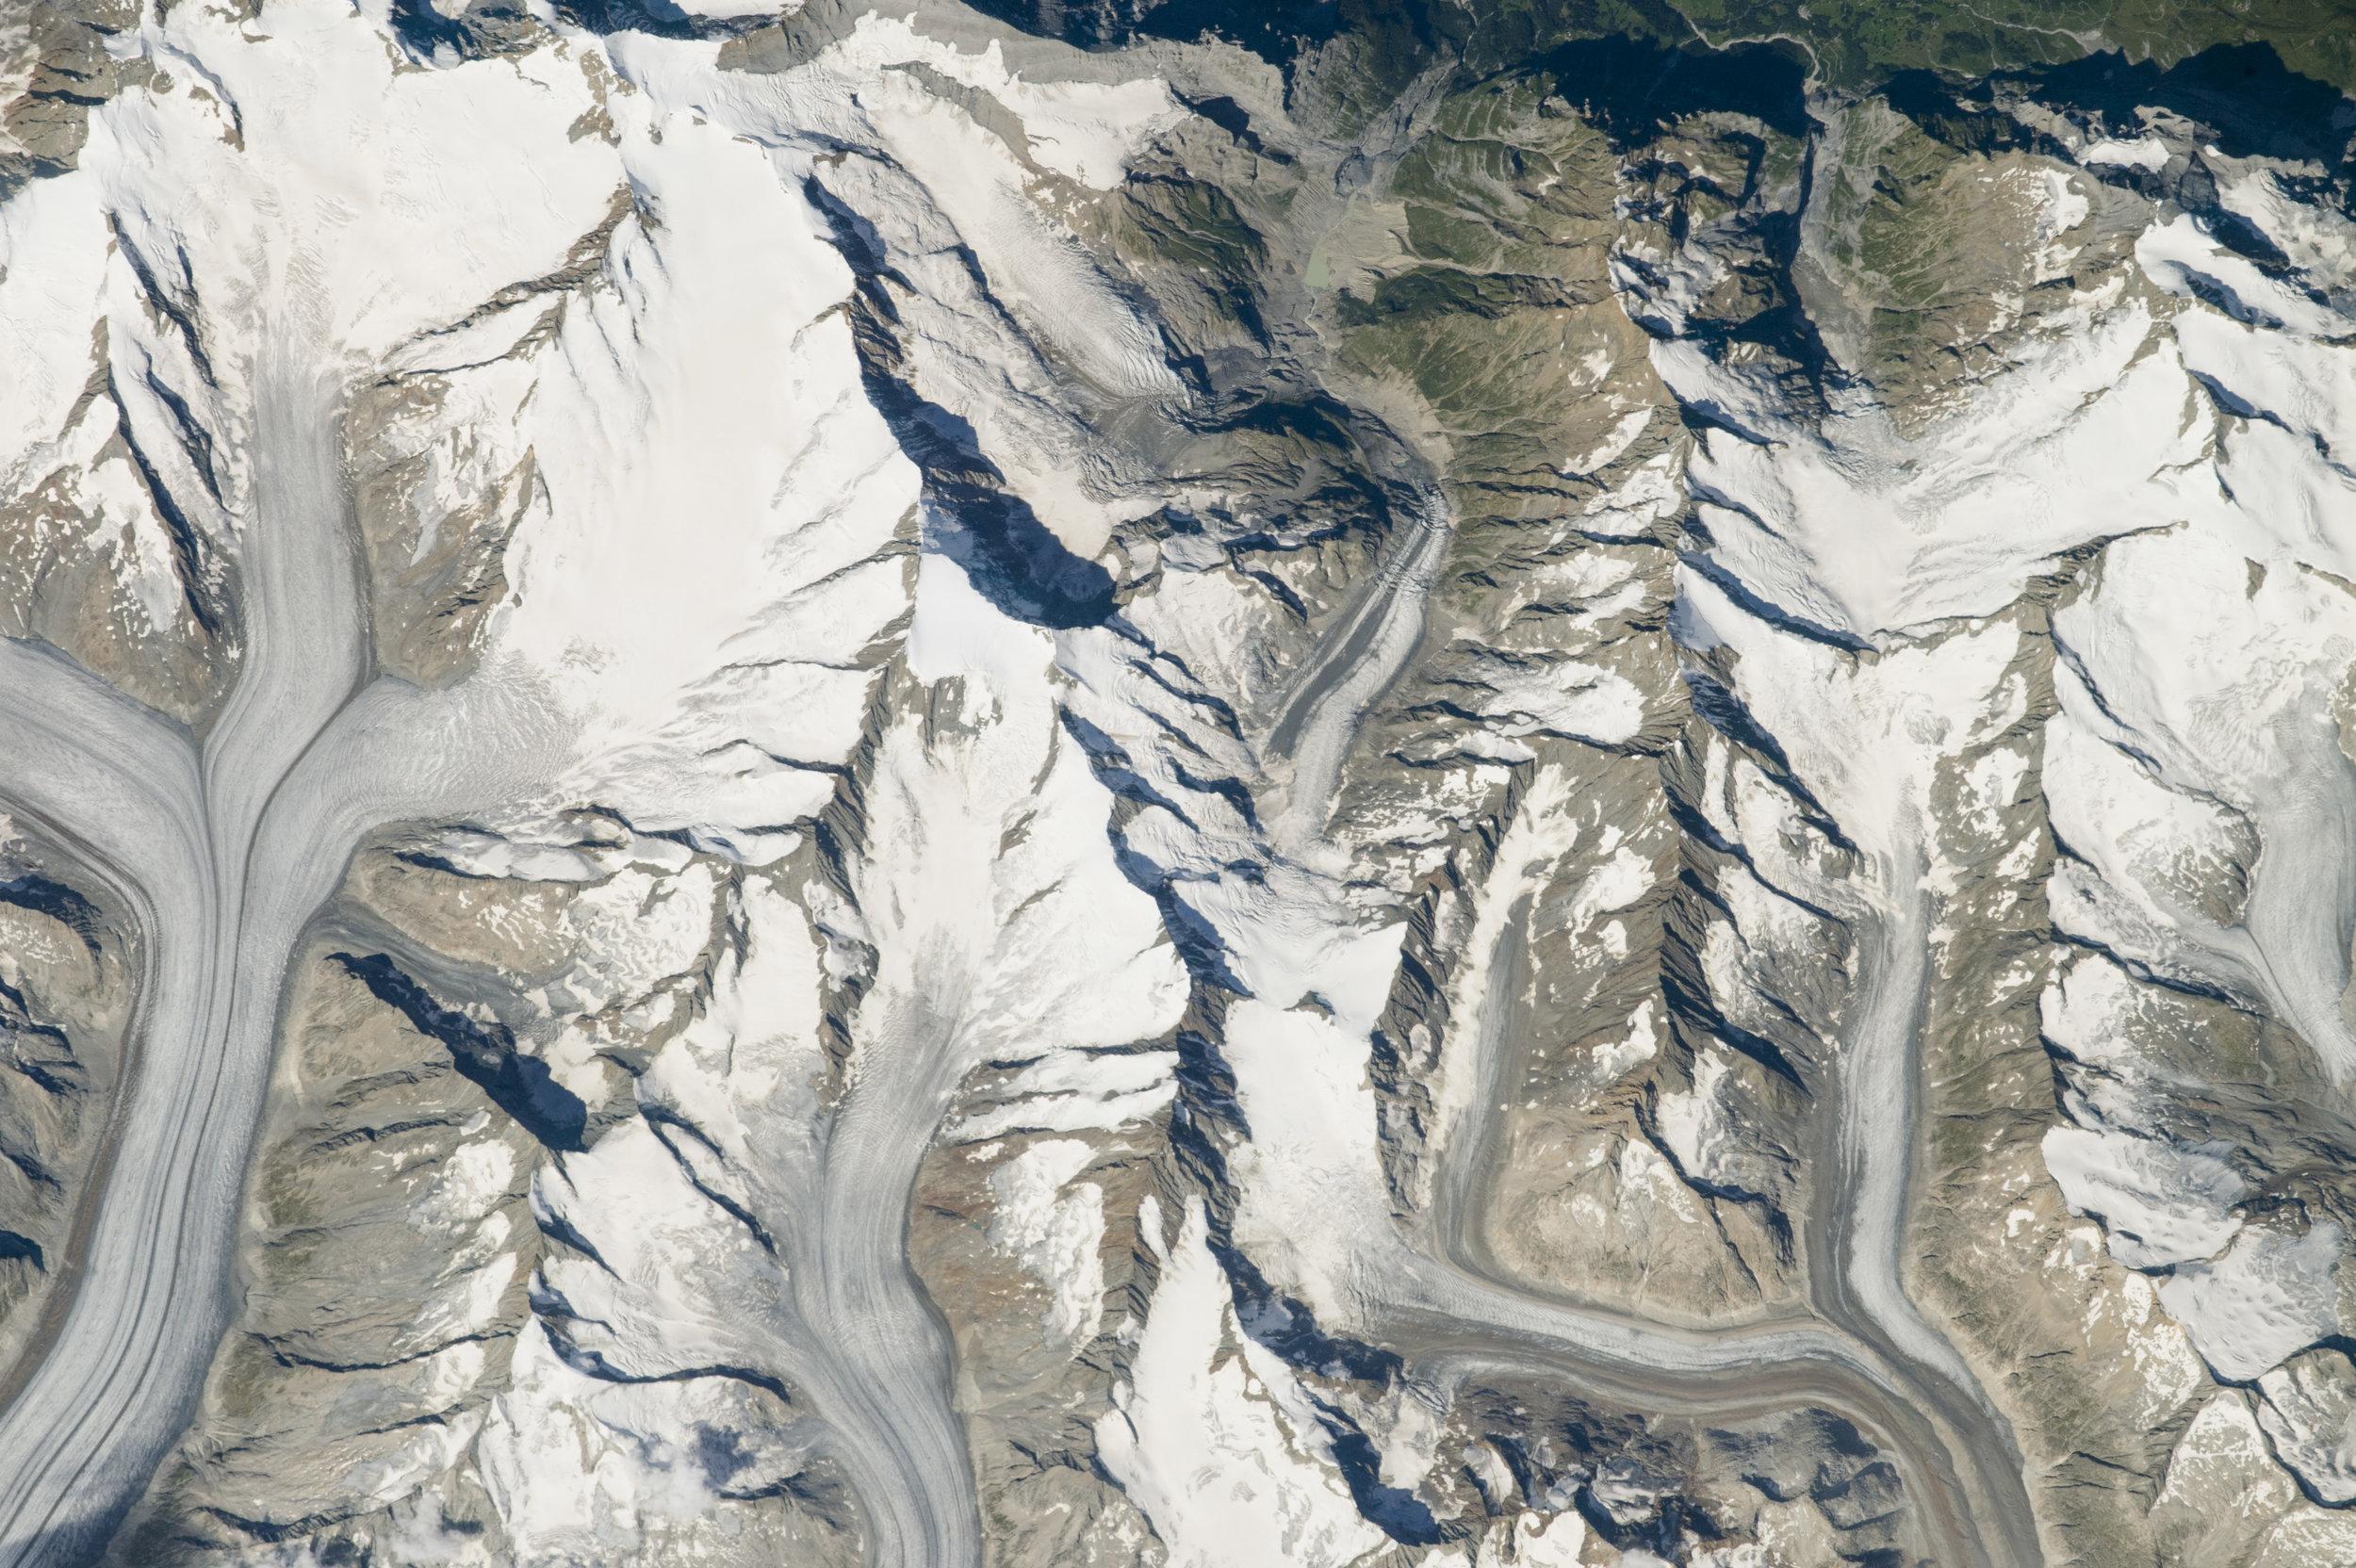 glacier aletsch aerial.jpg